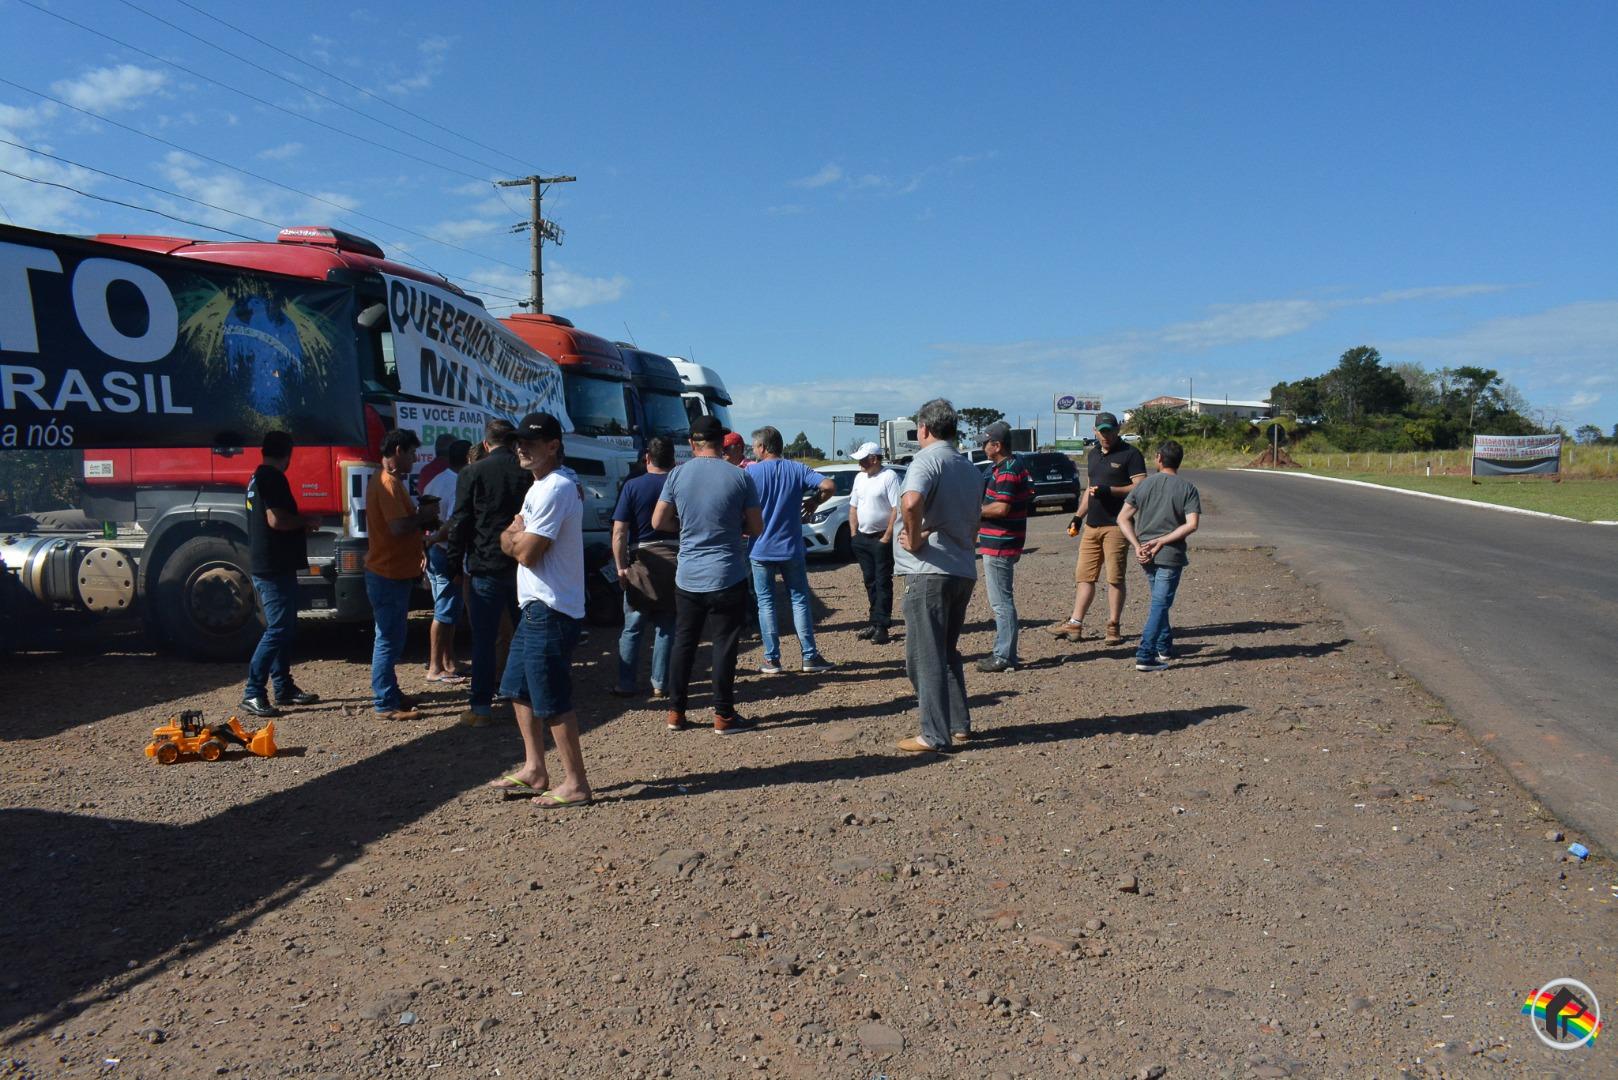 Caminhoneiros não aceitam proposta de Temer e greve continua